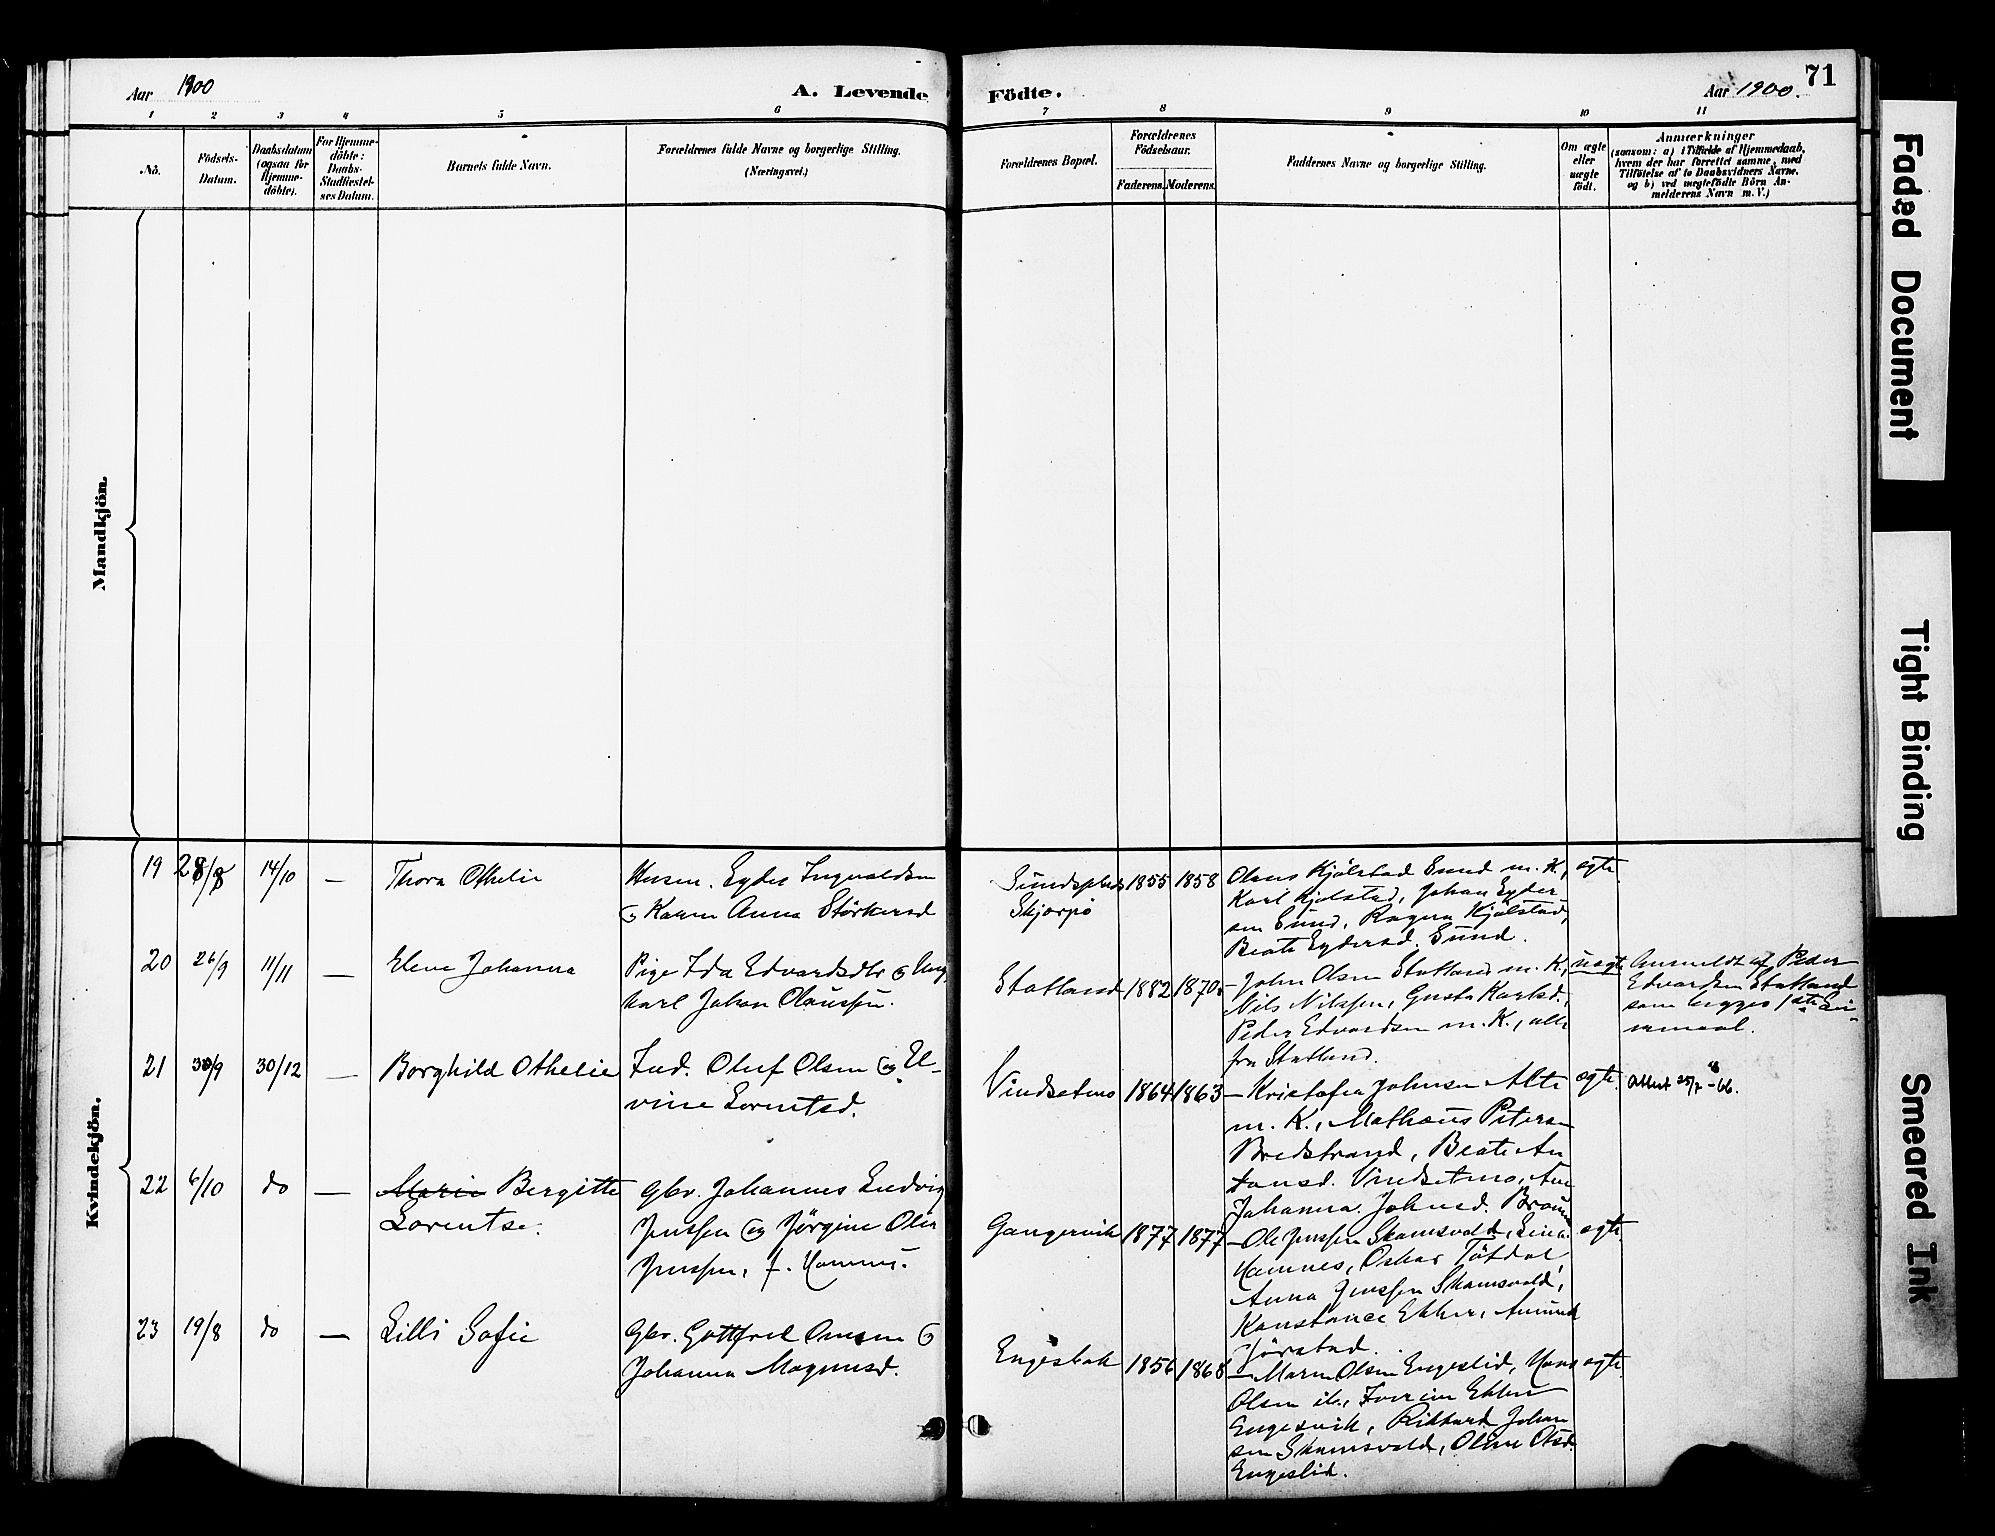 SAT, Ministerialprotokoller, klokkerbøker og fødselsregistre - Nord-Trøndelag, 774/L0628: Ministerialbok nr. 774A02, 1887-1903, s. 71